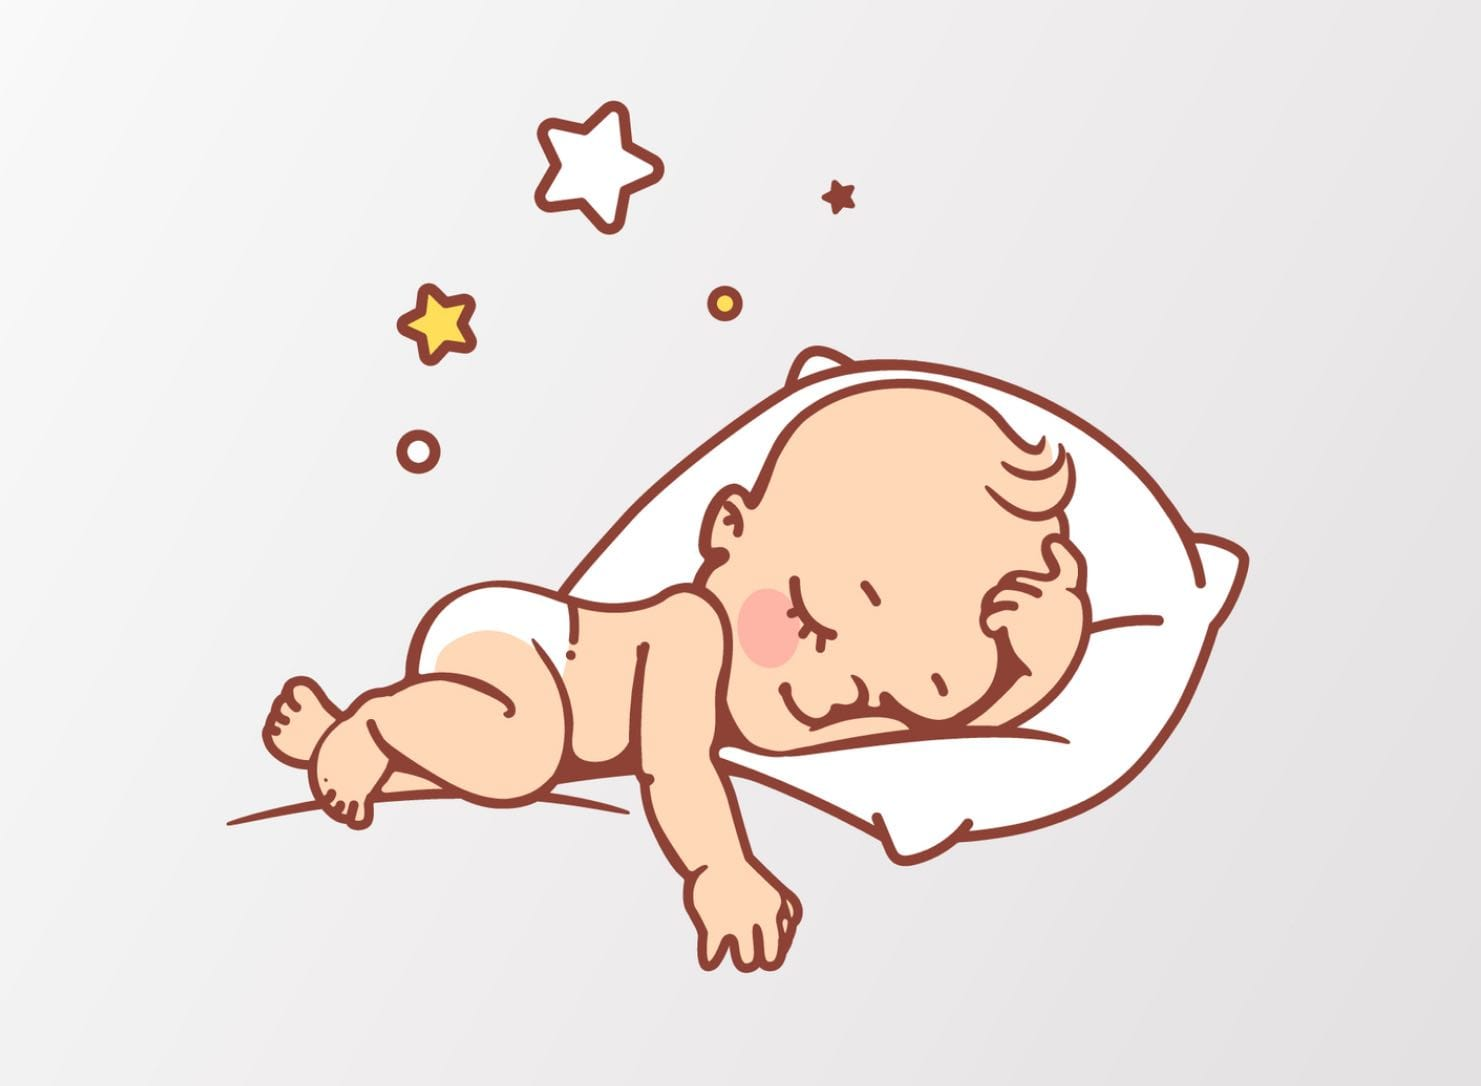 Un bébé a sommeil et dors profondément